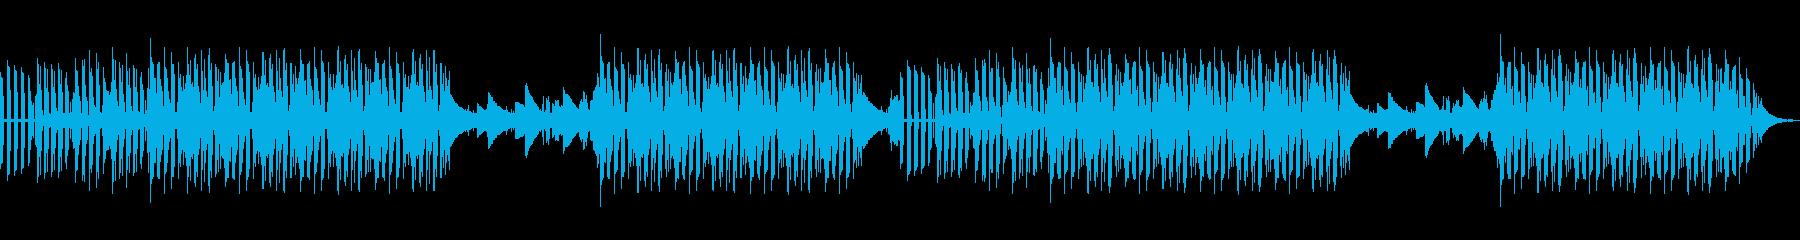 エレピのポップな曲です。の再生済みの波形